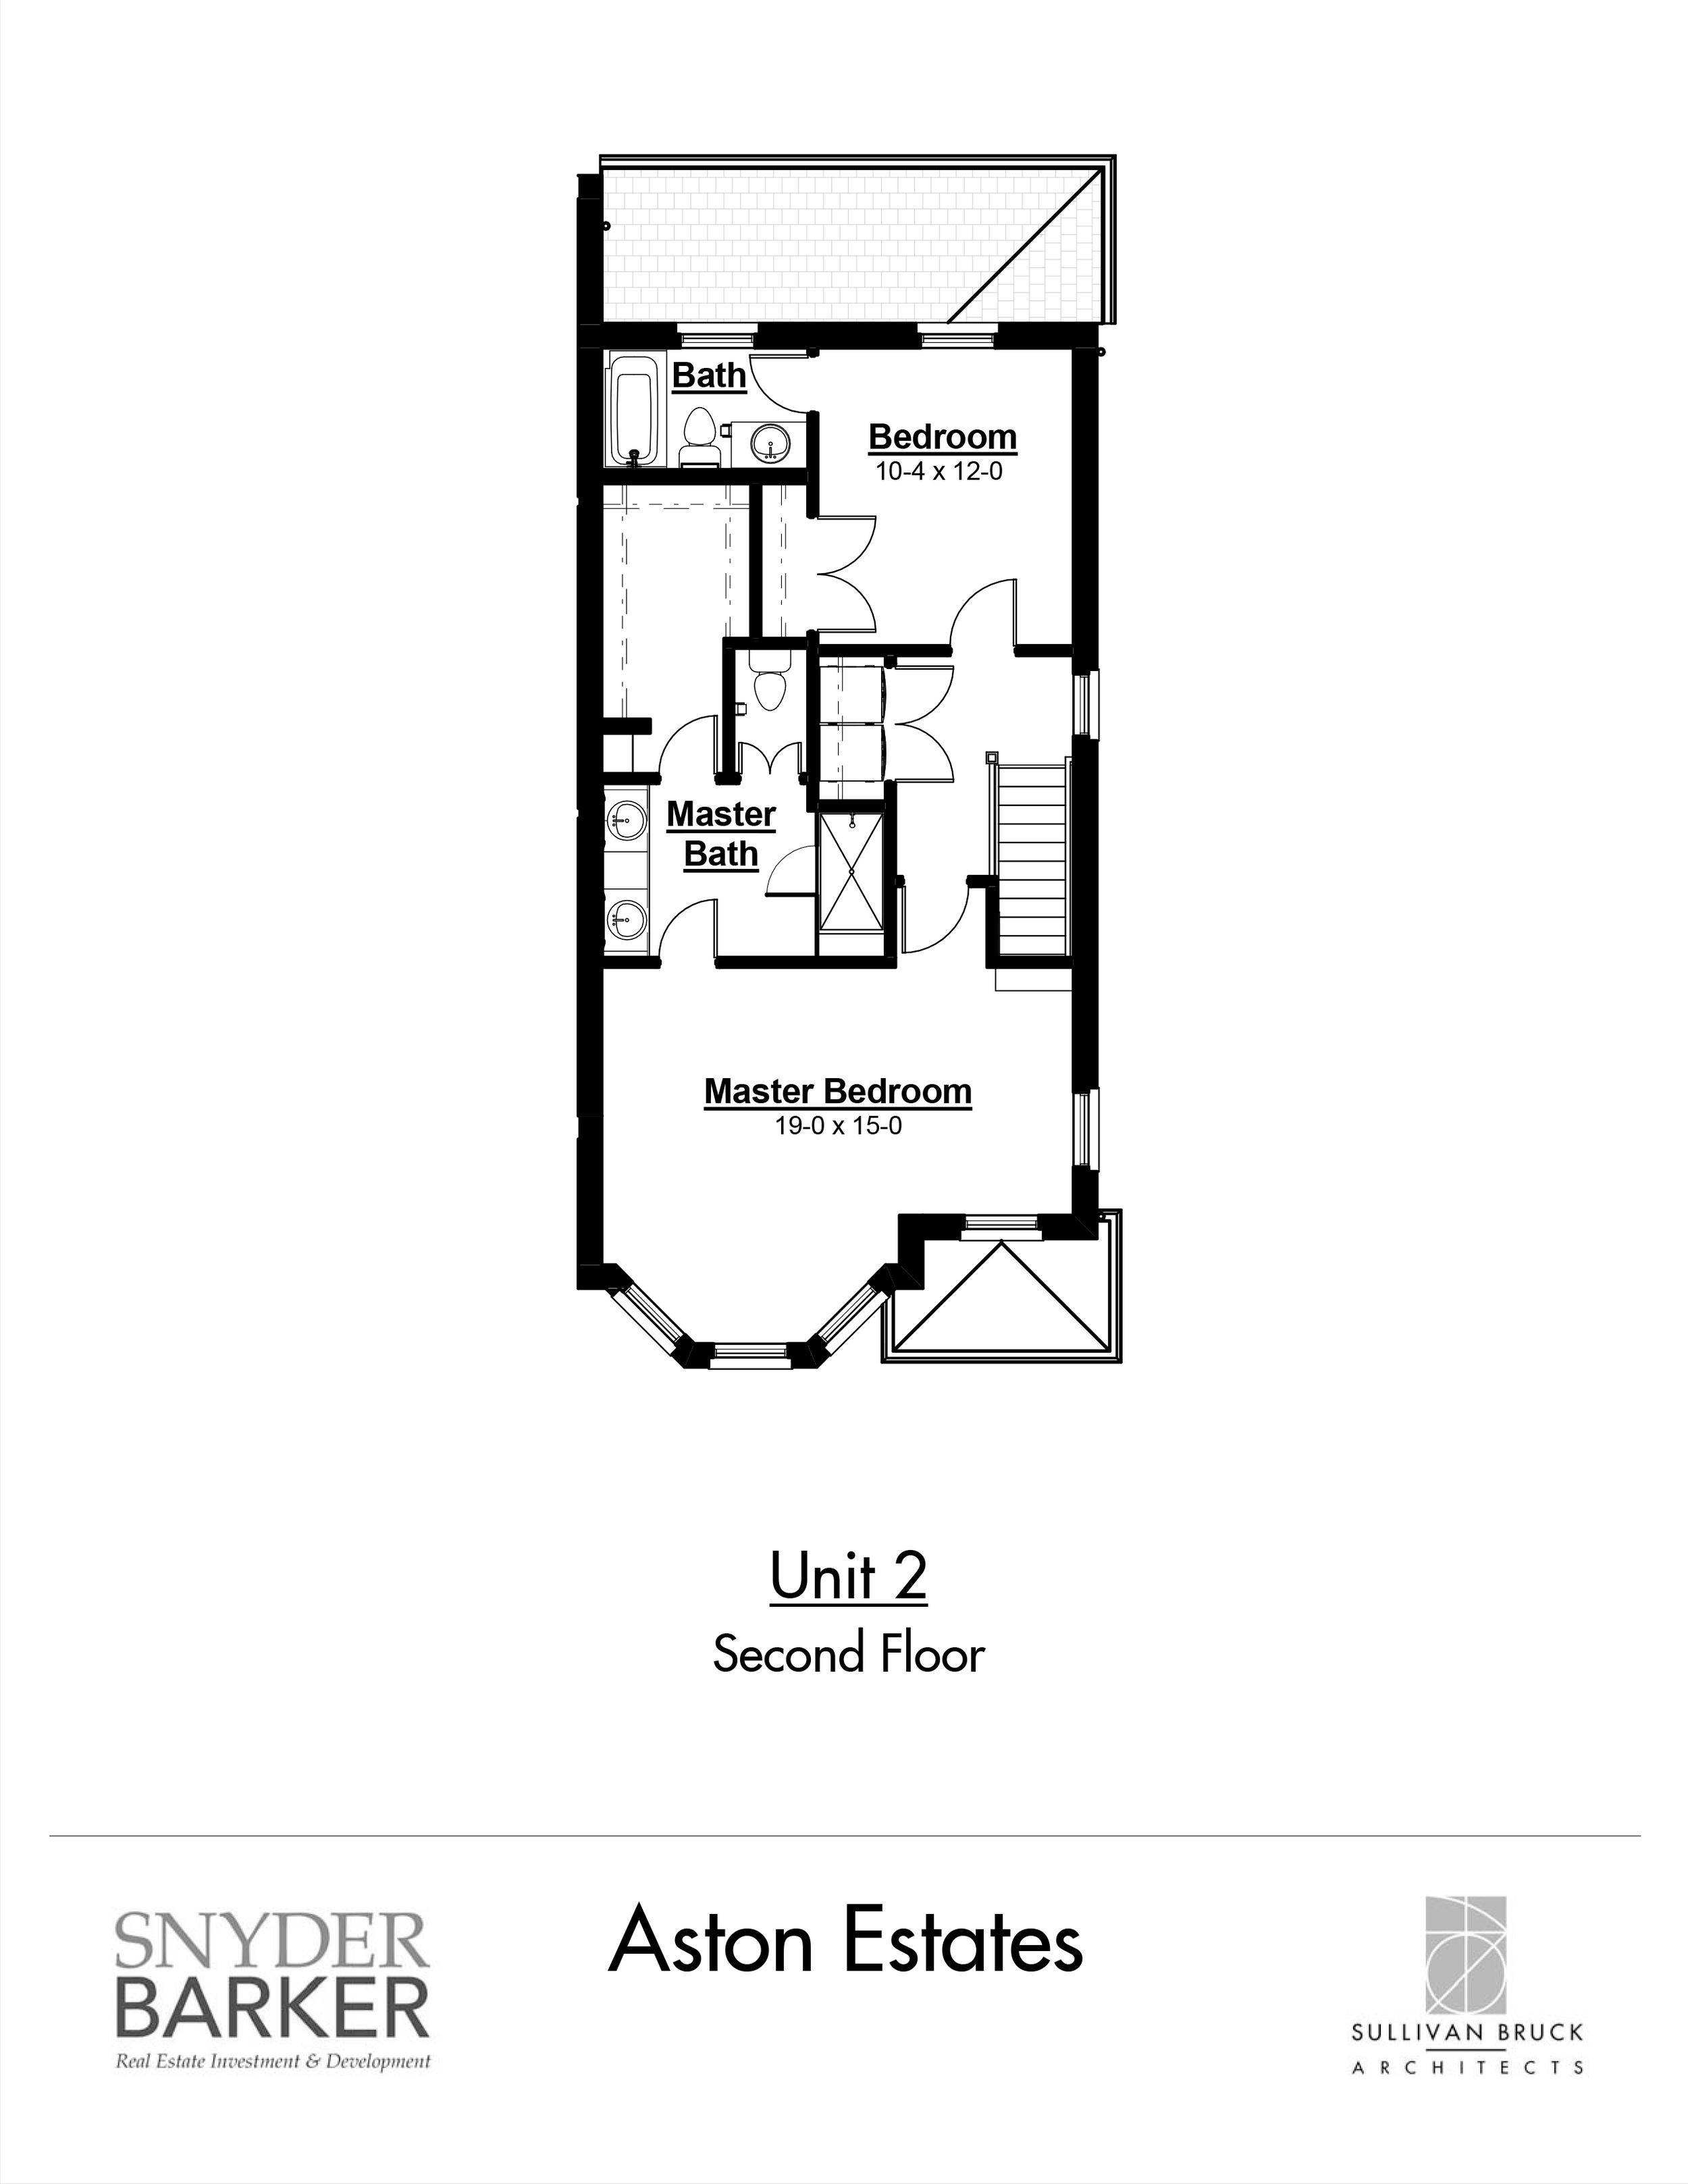 Aston_Estates_Unit_2_Second_Floor.jpg